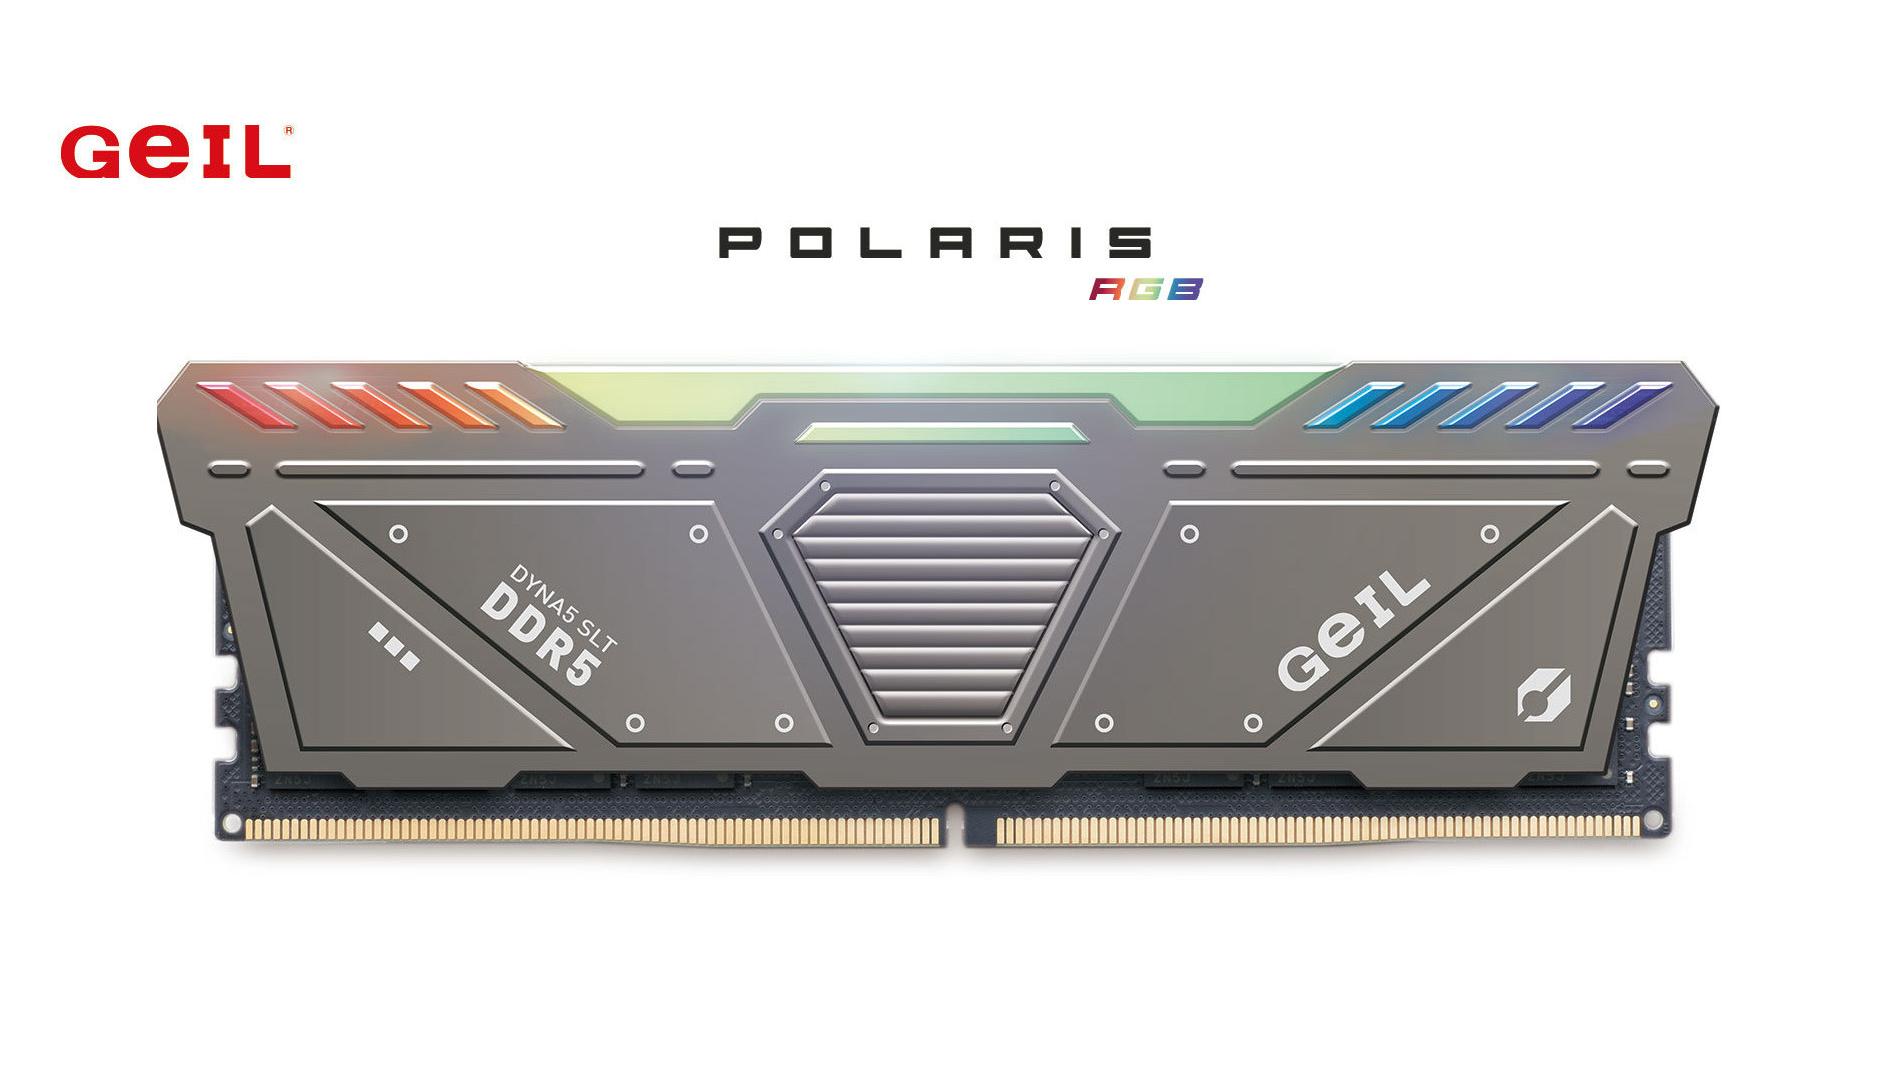 GeIL aggiorna la sua line up Polaris RGB con nuove memorie DDR5